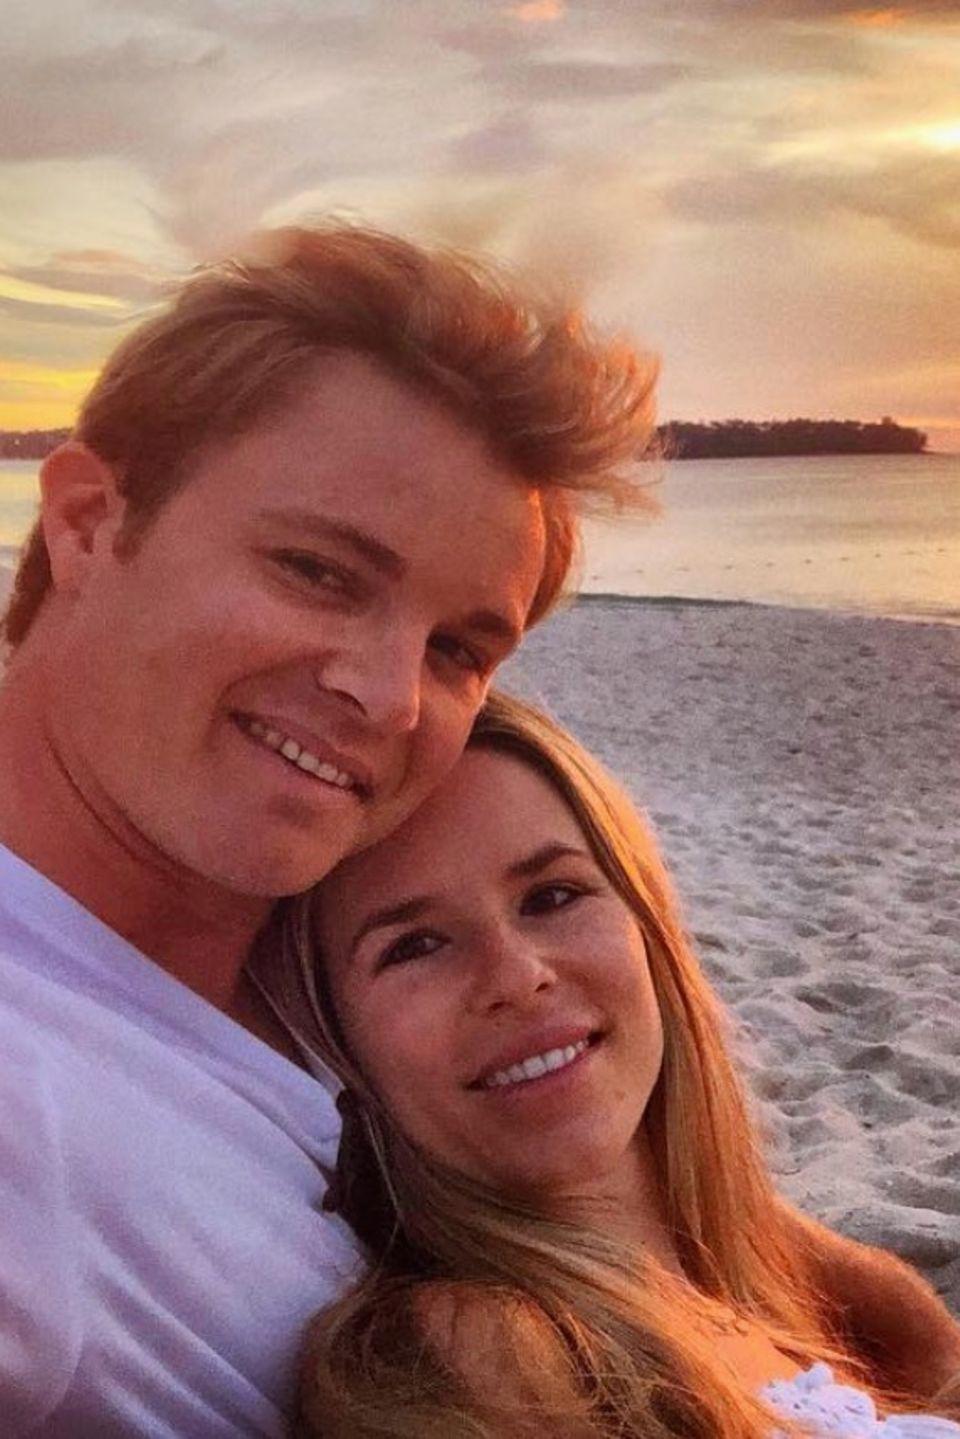 """11. Dezember 2018  Es wird aber nicht nur getobt und gesprungen, sondern auch gekuschelt. Das Ehepaar genießt den Sonnenuntergang am Strand in Phuket. Ein User schreibt """"Täusche ich mich oder macht das Leben nach der Formel-1 mehr Spaß?"""" Nico scheint es jedenfalls nicht schlecht zu gehen."""